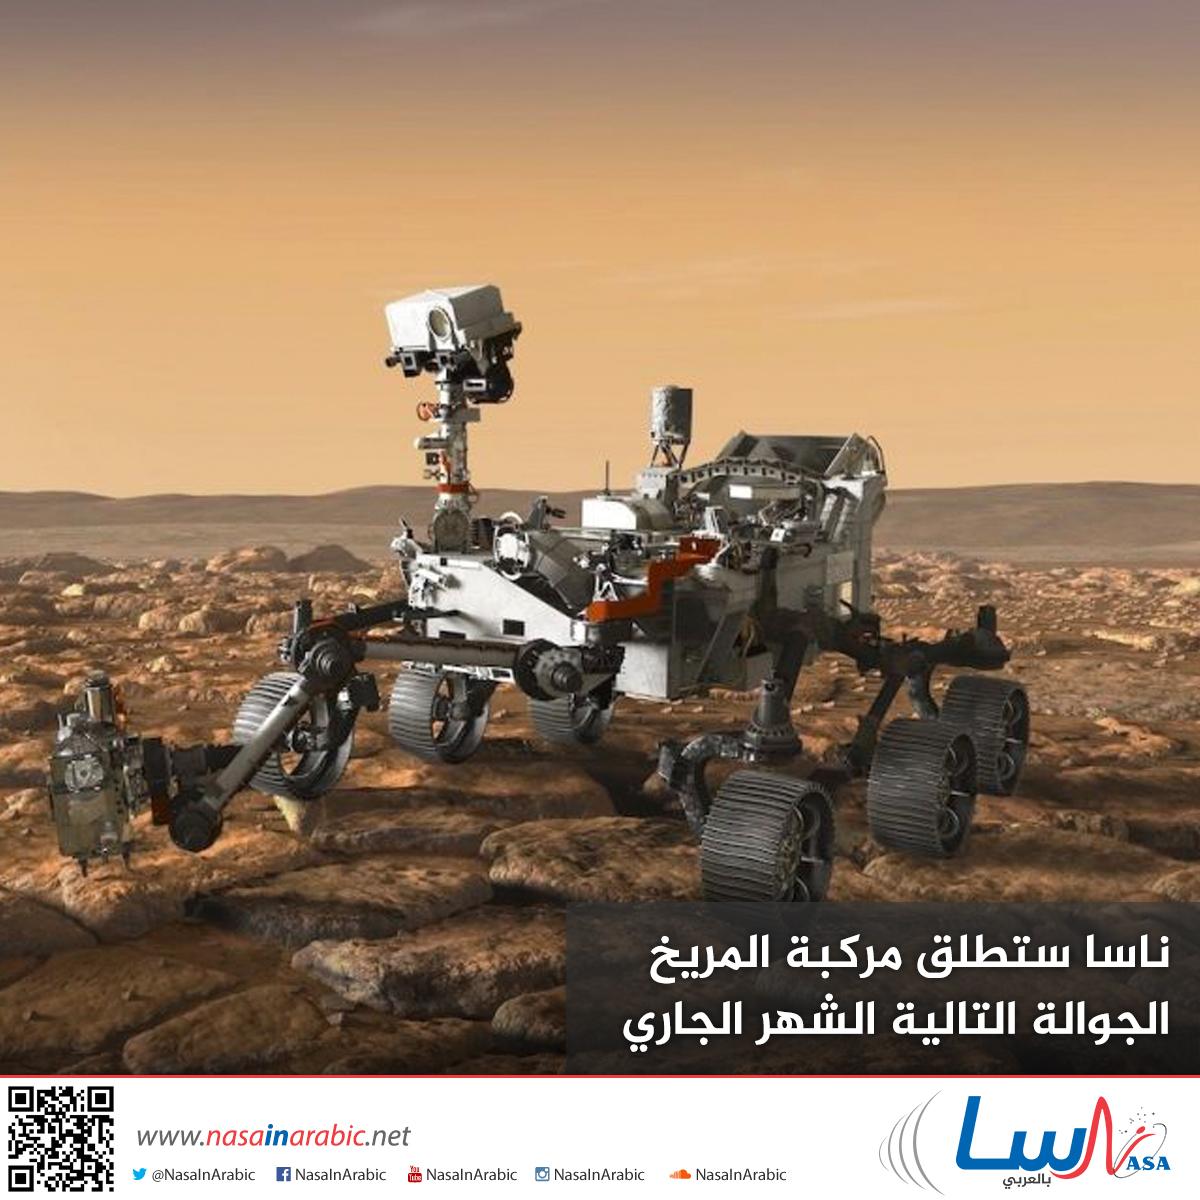 ناسا تُخطط لإطلاق مركبة بيرسيفيرانس المريخية في 30 يوليو/تموز